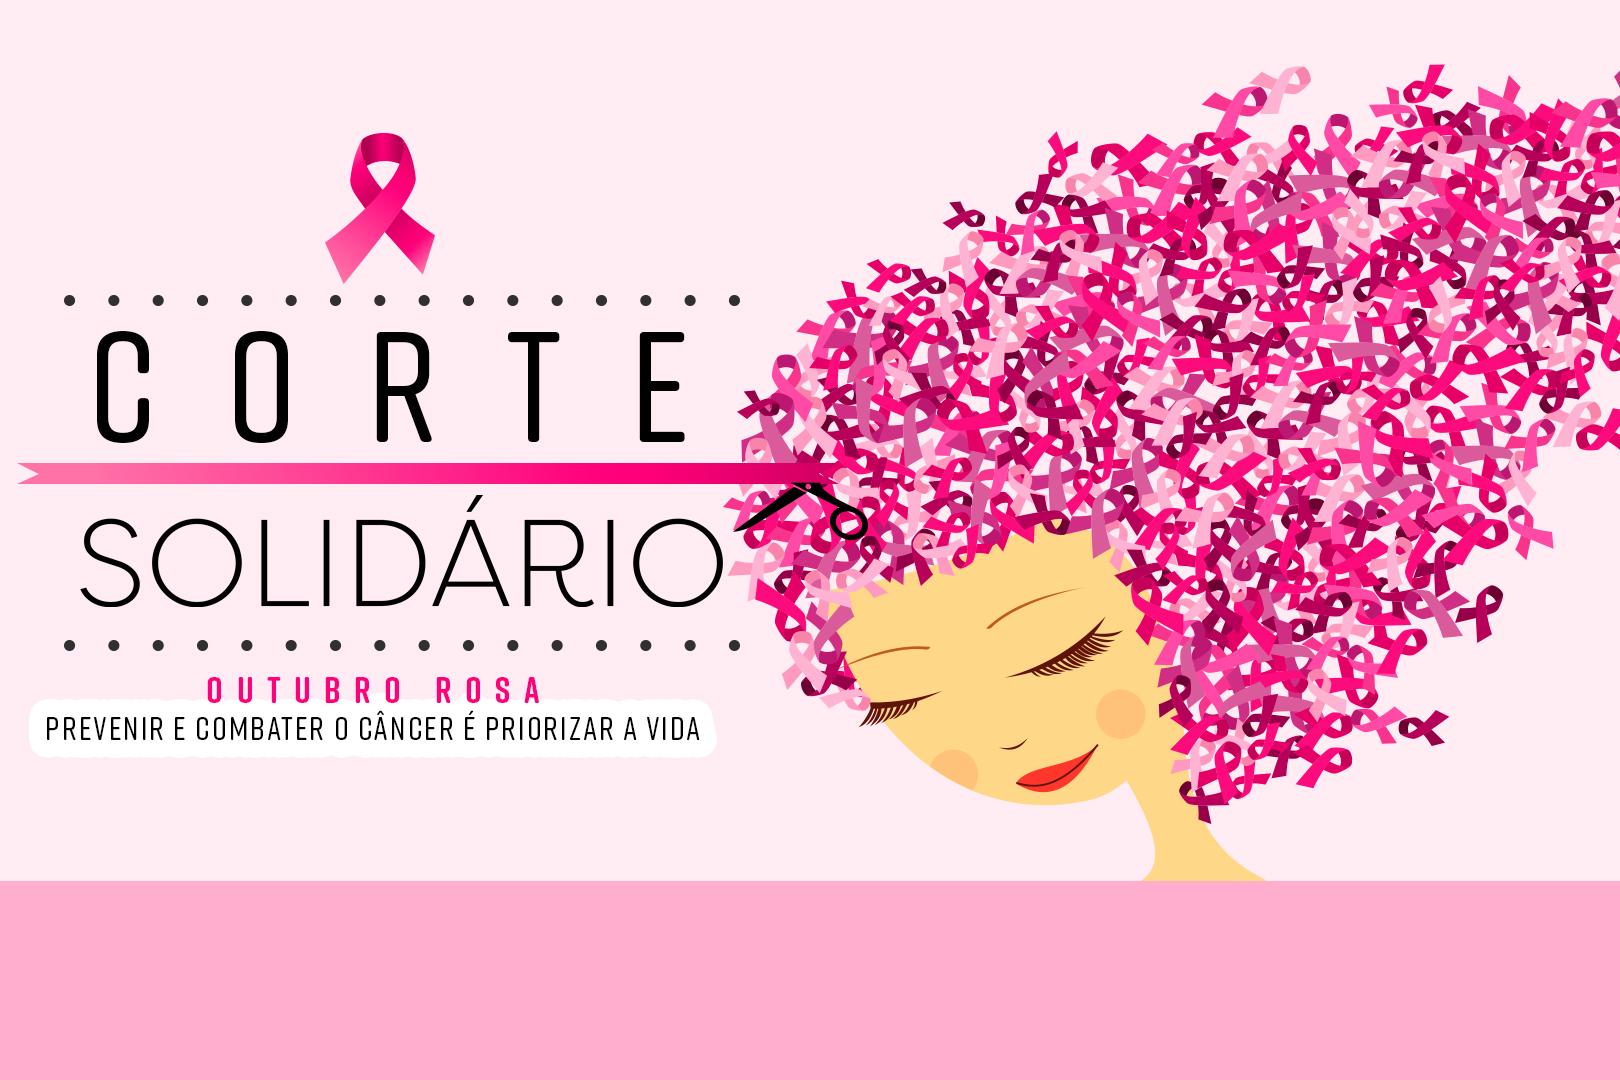 TJSP promove Corte Solidário: participe dessa ação no Outubro Rosa